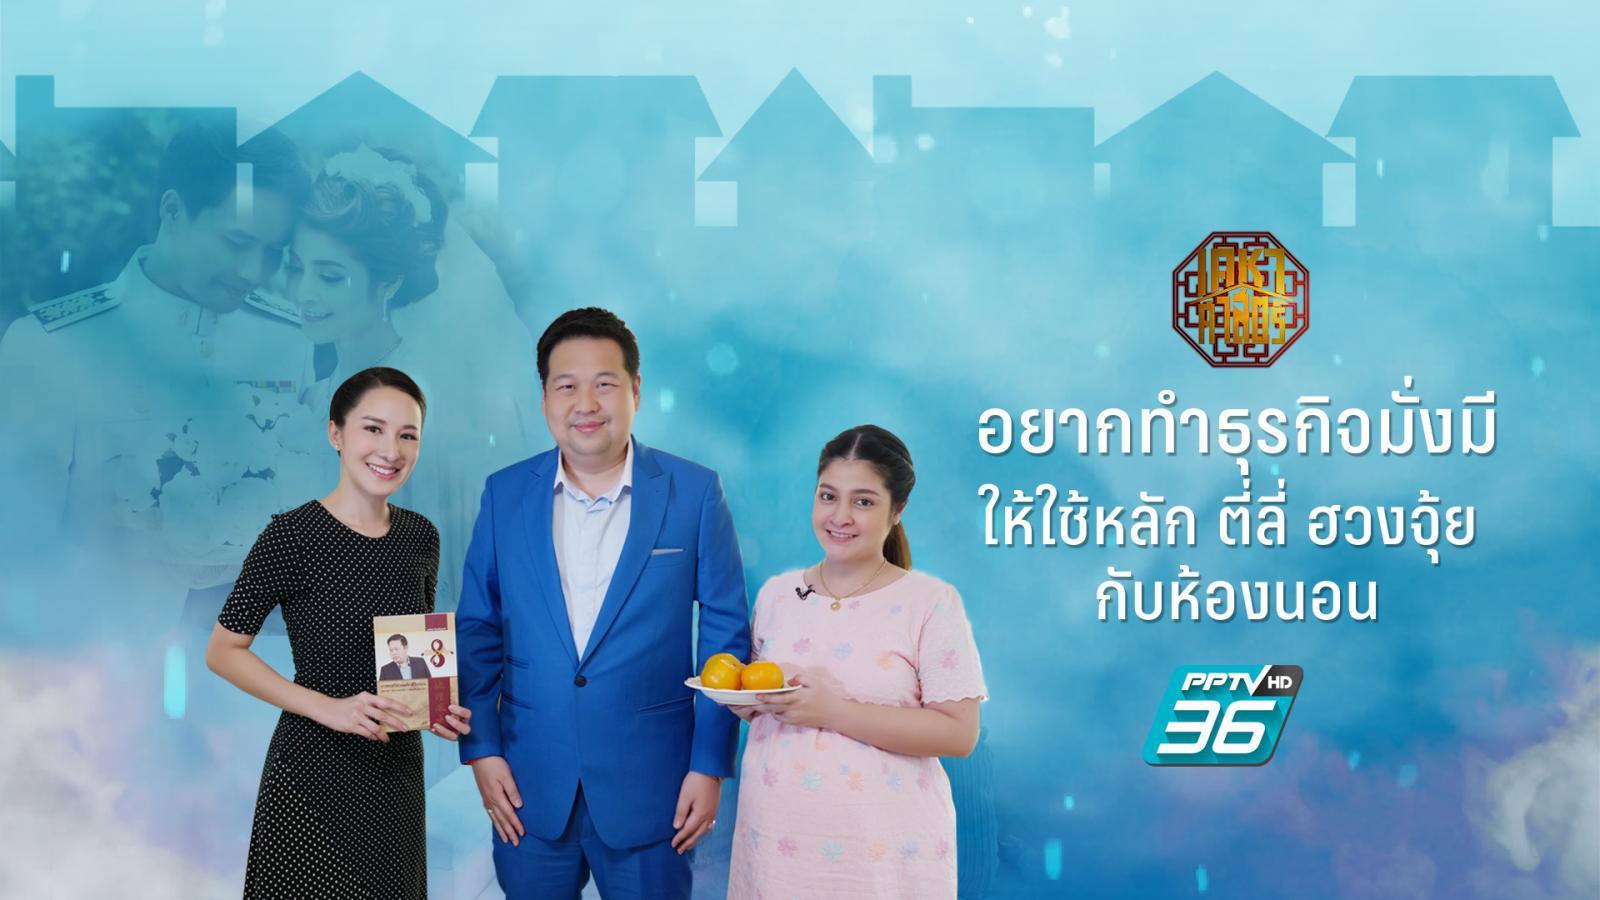 เคหาศาสตร์ | ตี่ลี่ ฮวงจุ้ย | ตำแหน่งห้องนอนในบ้านส่งผลให้เจ้าของบ้านมั่งมี | PPTV HD 36